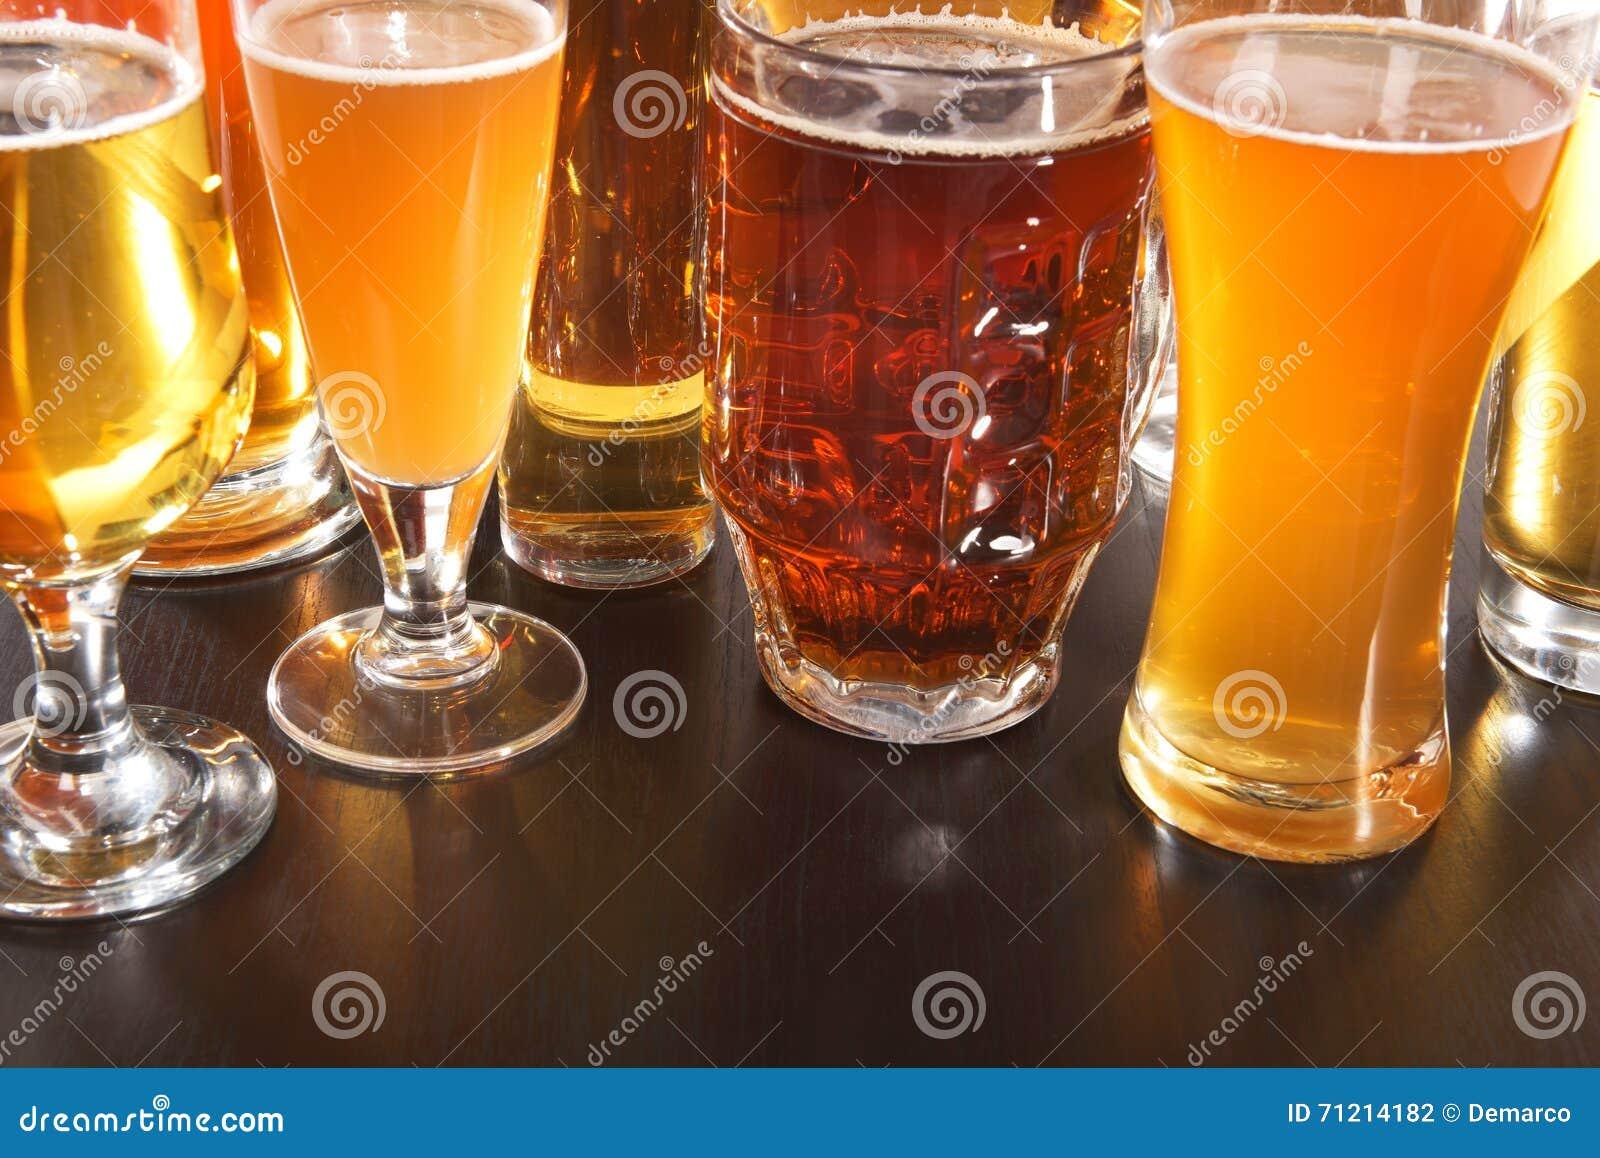 Piwo pusty folował szkło jedną sekundę